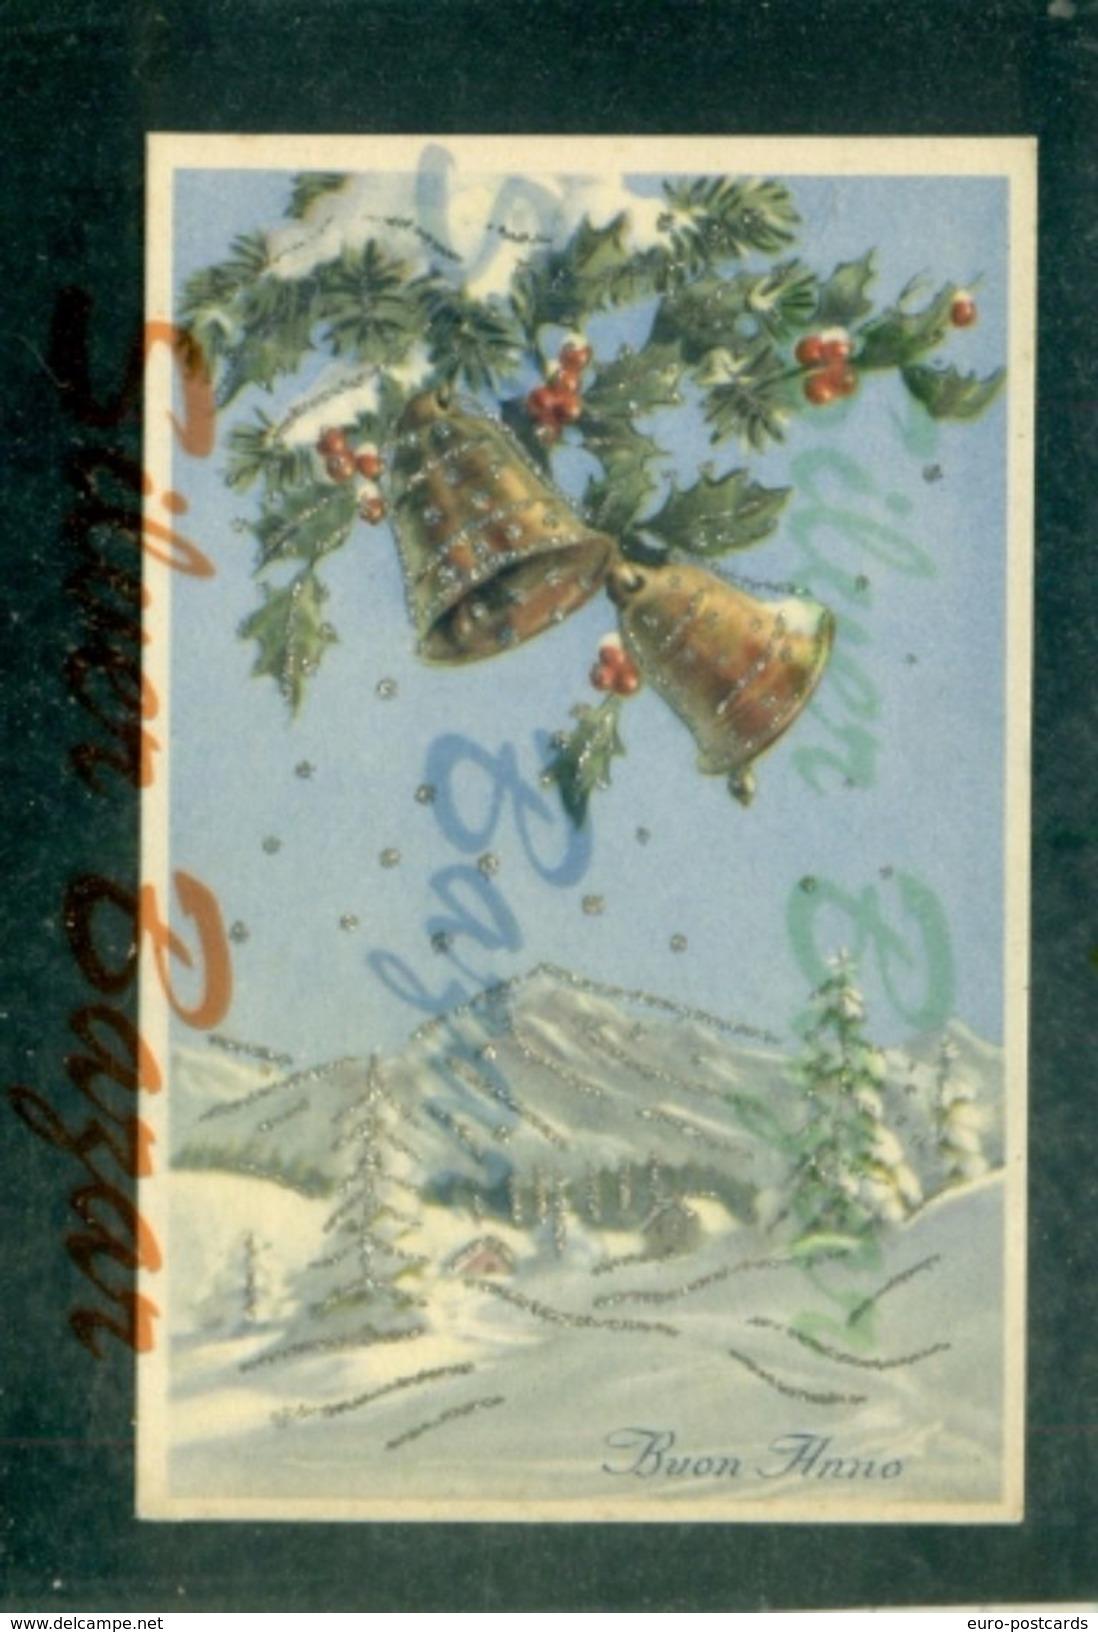 CARTOLINE CON BRILLANTINI-GLITTER POSTCARDS-CARTES POSTALES AVEC BRILANTES-AUGURALI-BION ANNO - Cartoline